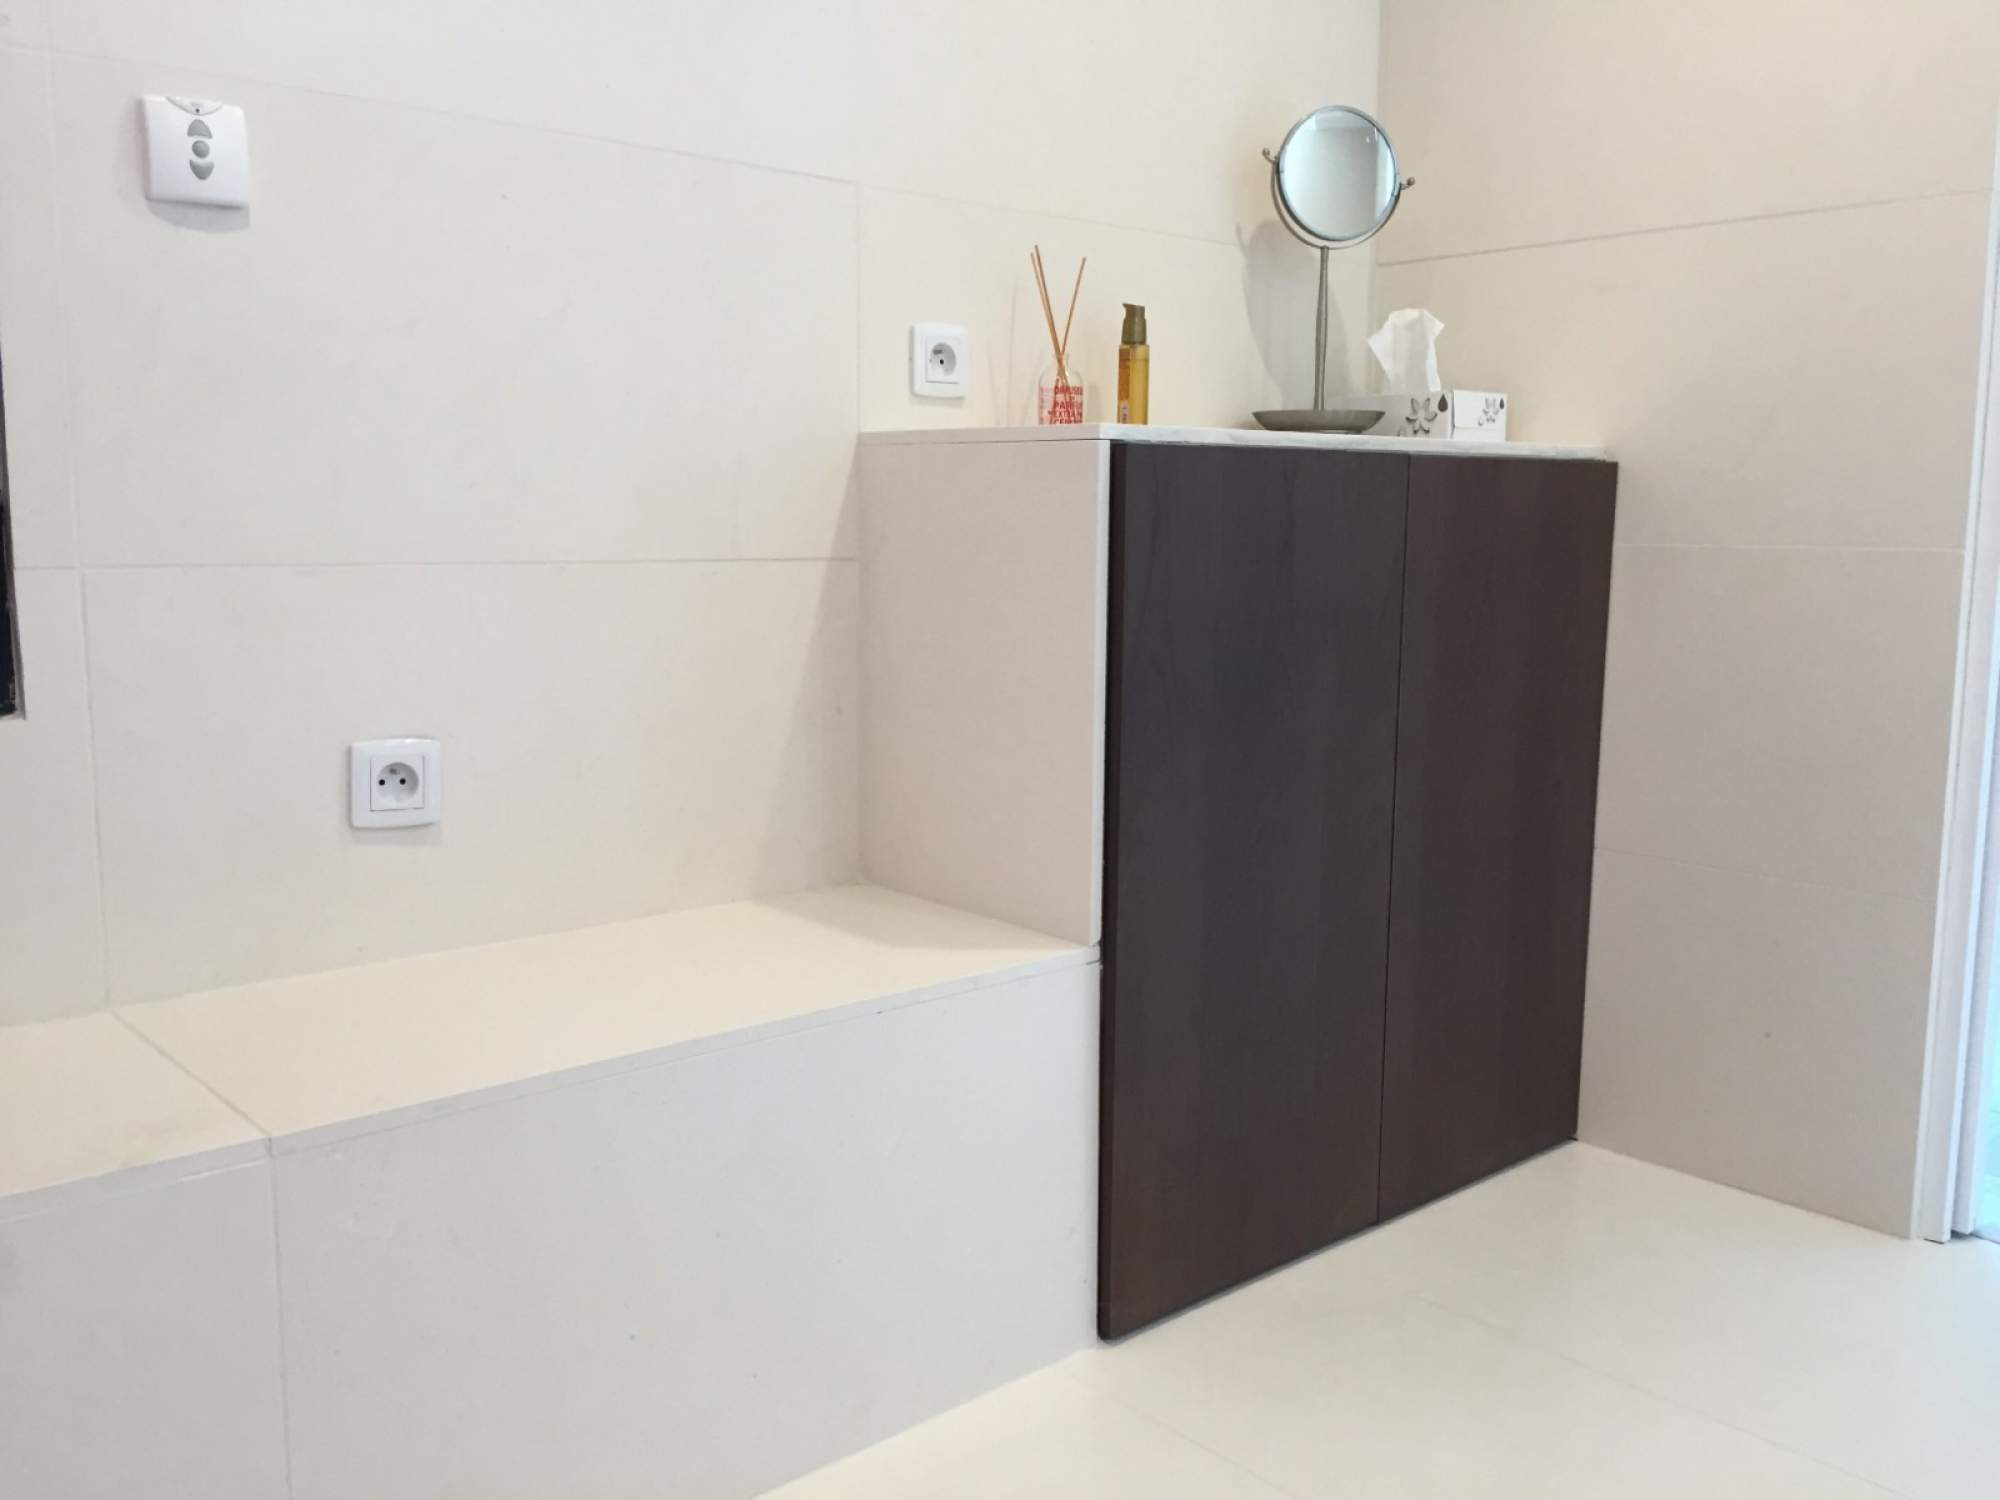 Cr ation d une salle de bains avec douche l italienne for Une salle de douche